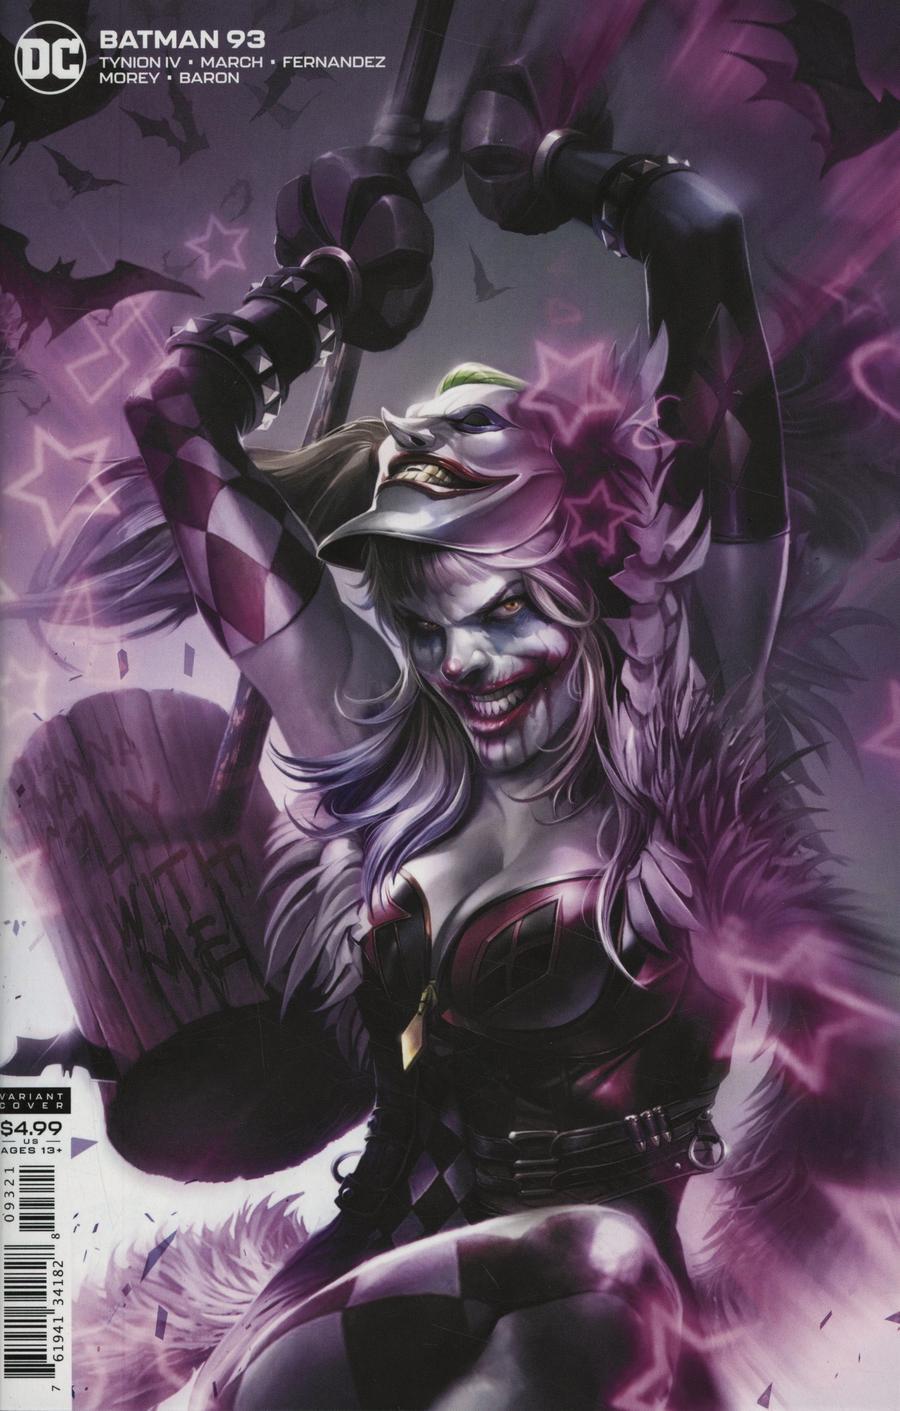 Batman Vol 3 #93 Cover B Variant Francesco Mattina Card Stock Cover